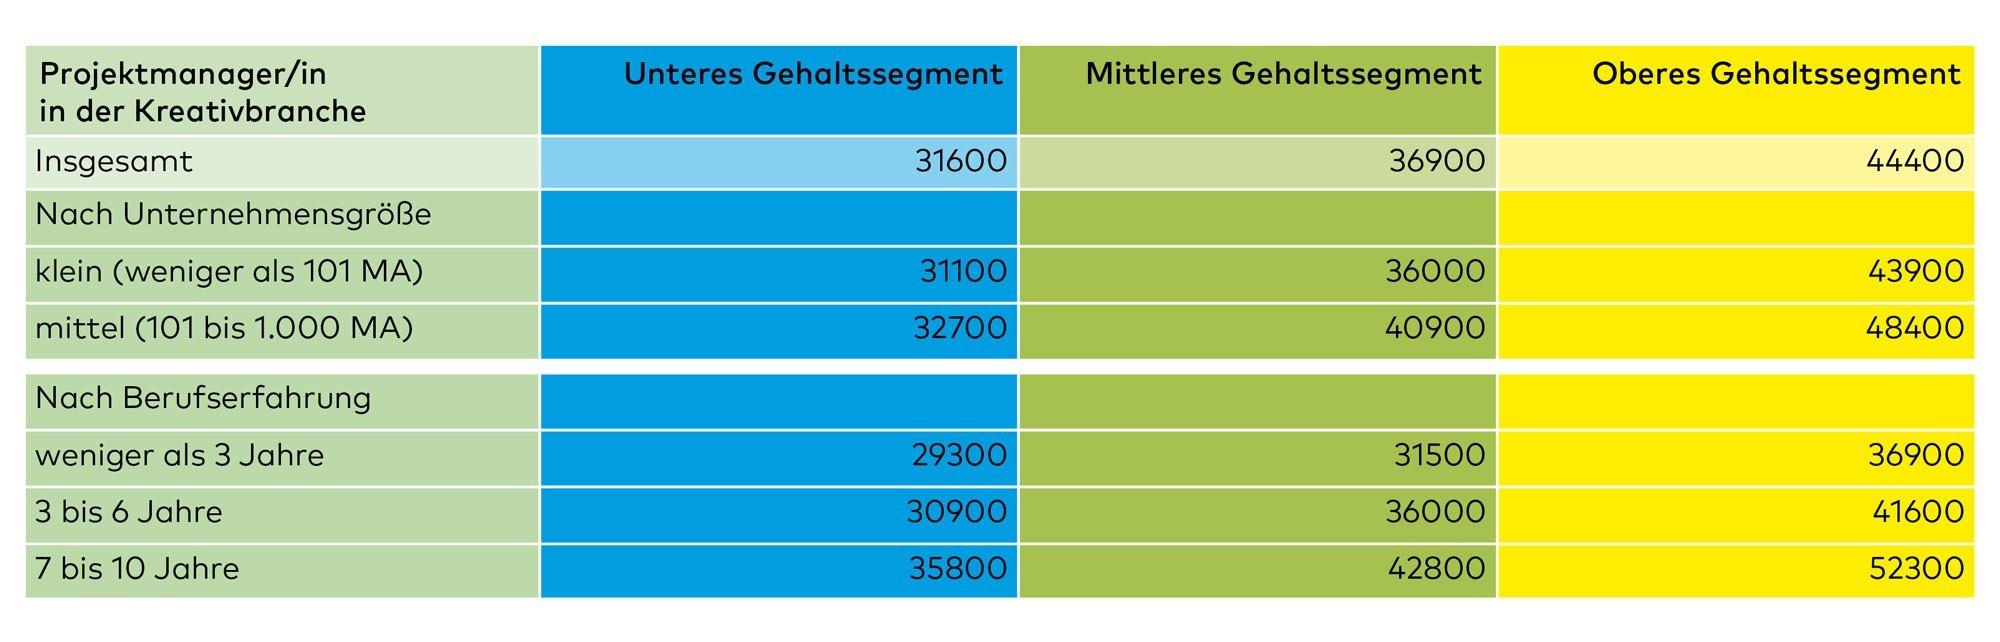 Gehaltstabelle_Projektmanager_082015